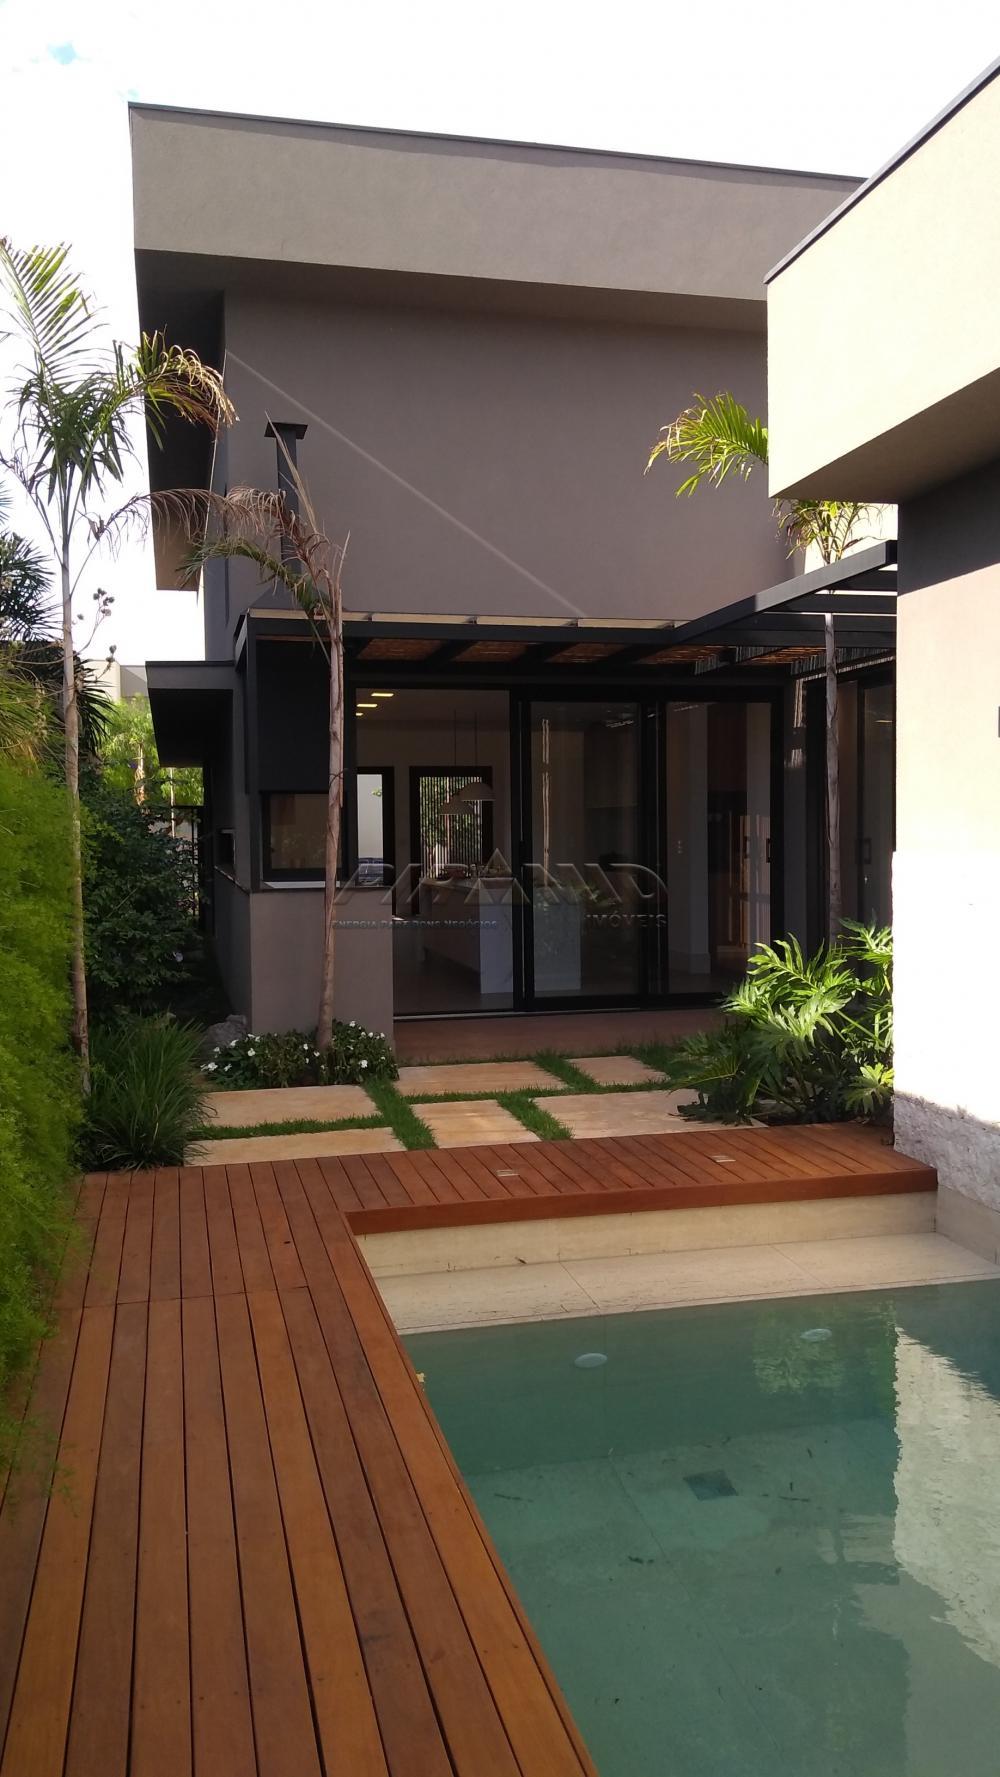 Comprar Casa / Condomínio em Ribeirão Preto apenas R$ 1.270.000,00 - Foto 24